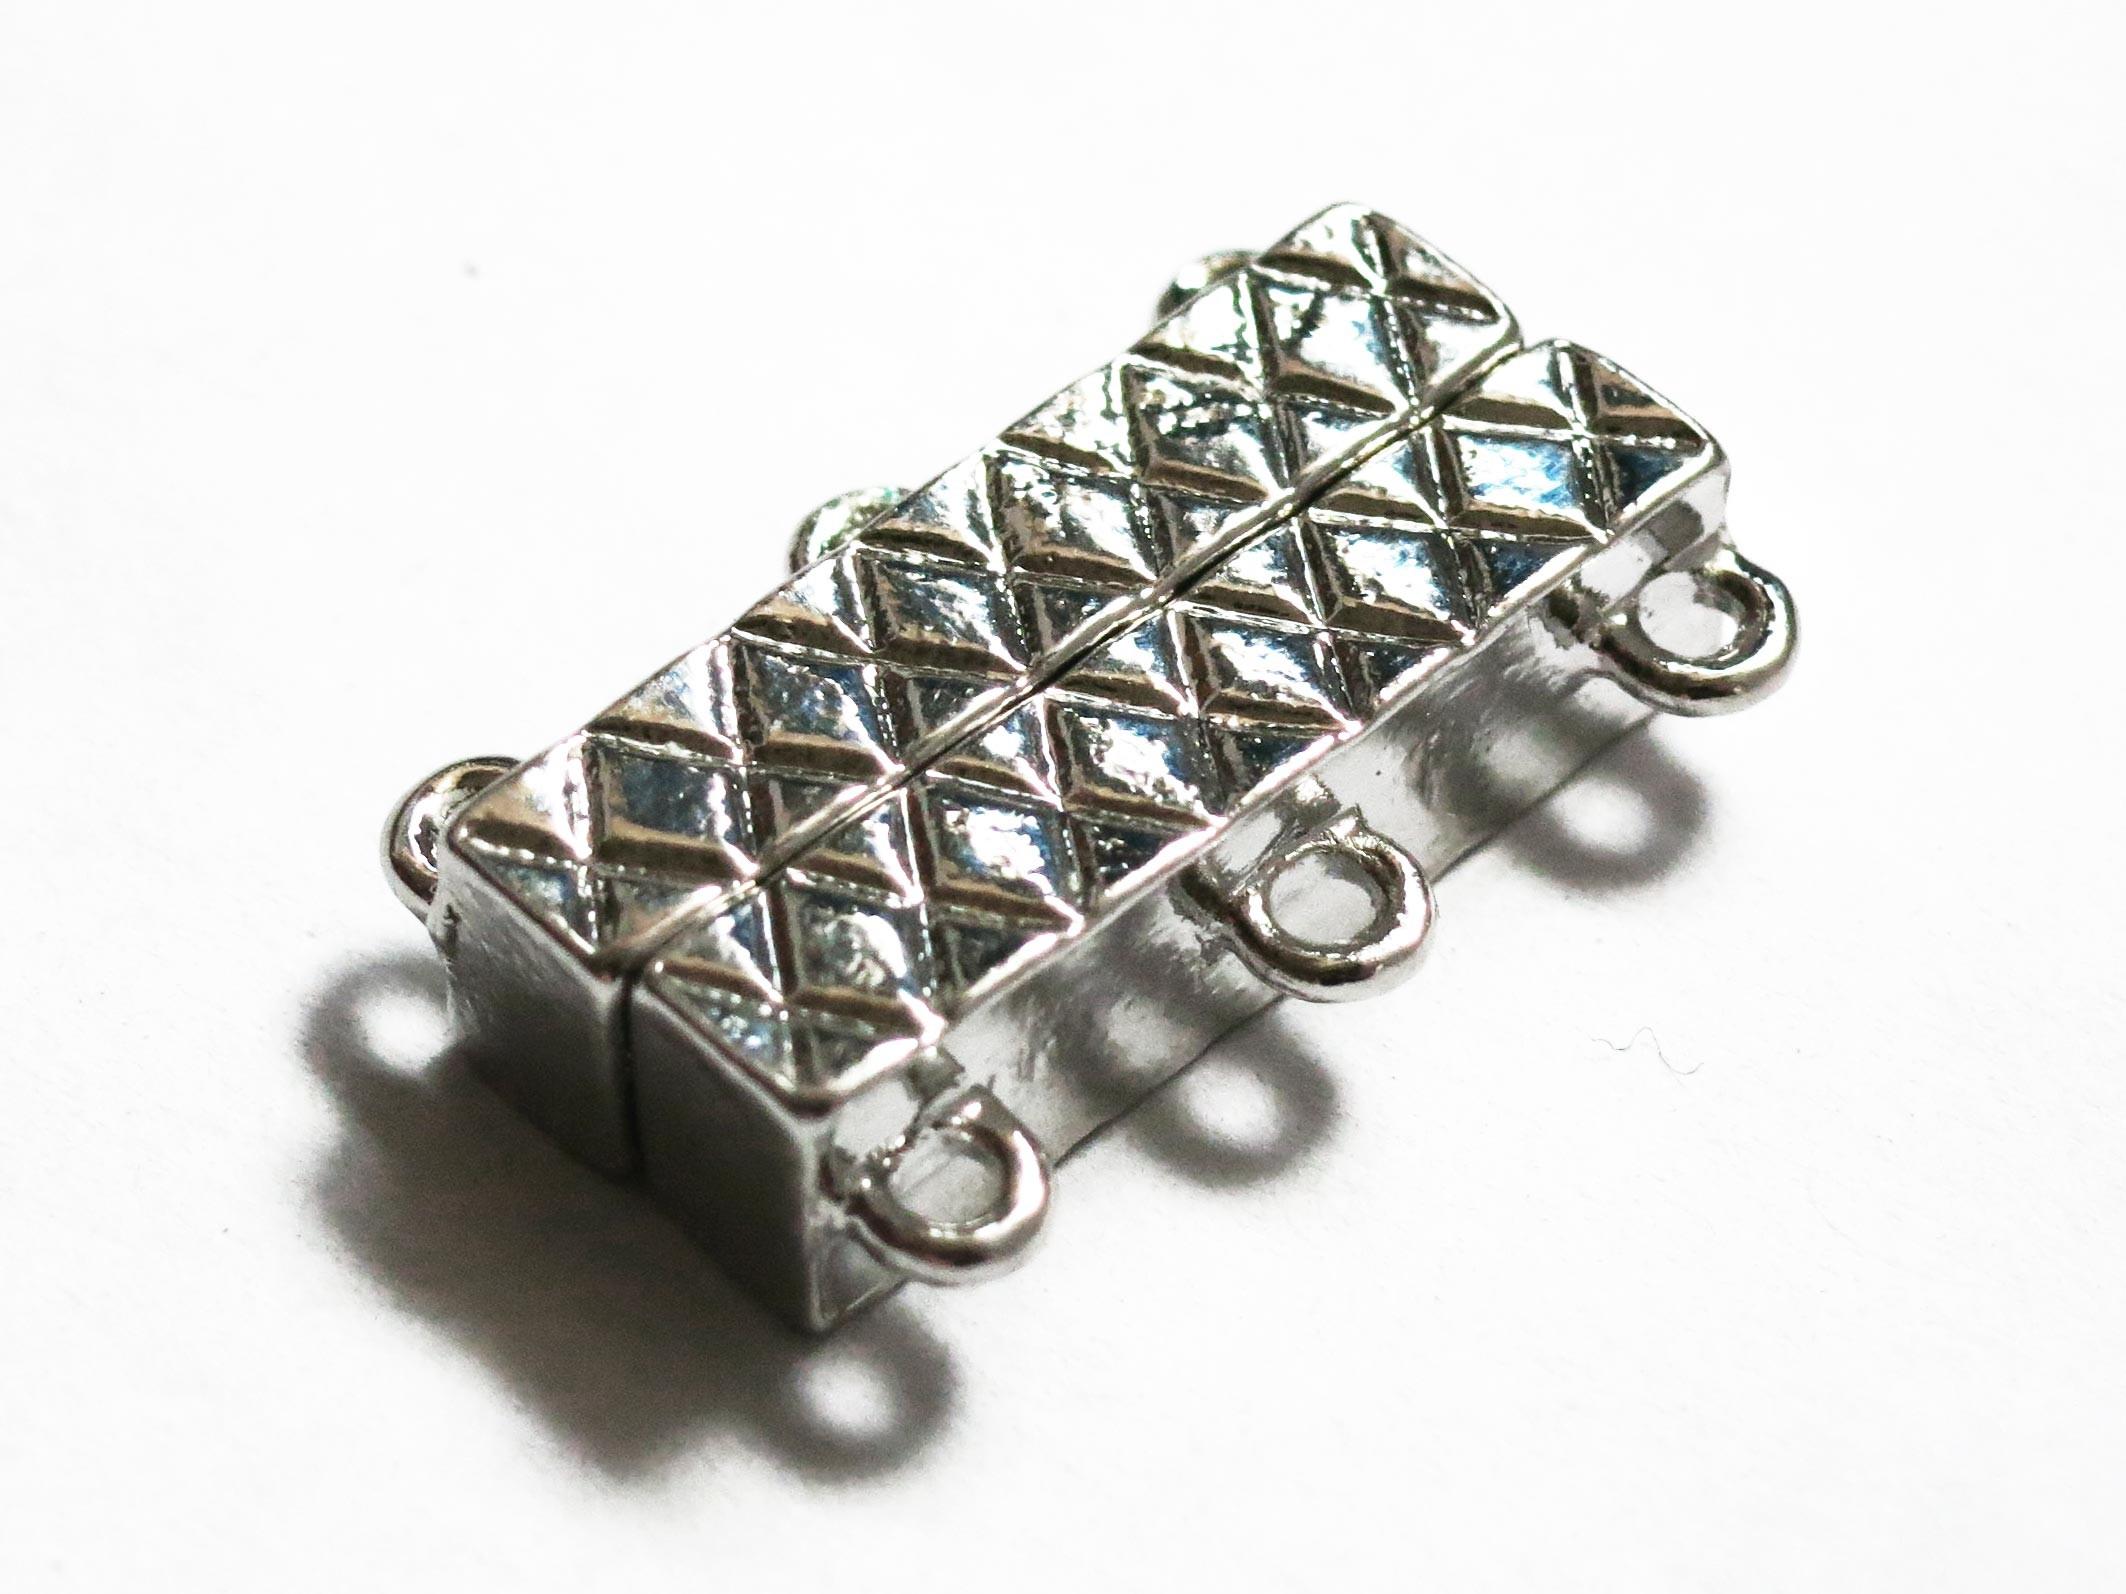 Schmuckzubehör  Hellsilber Magnetverschluss mit 3 Ösen 21x14x5,5mm Schmuckzubehör ...